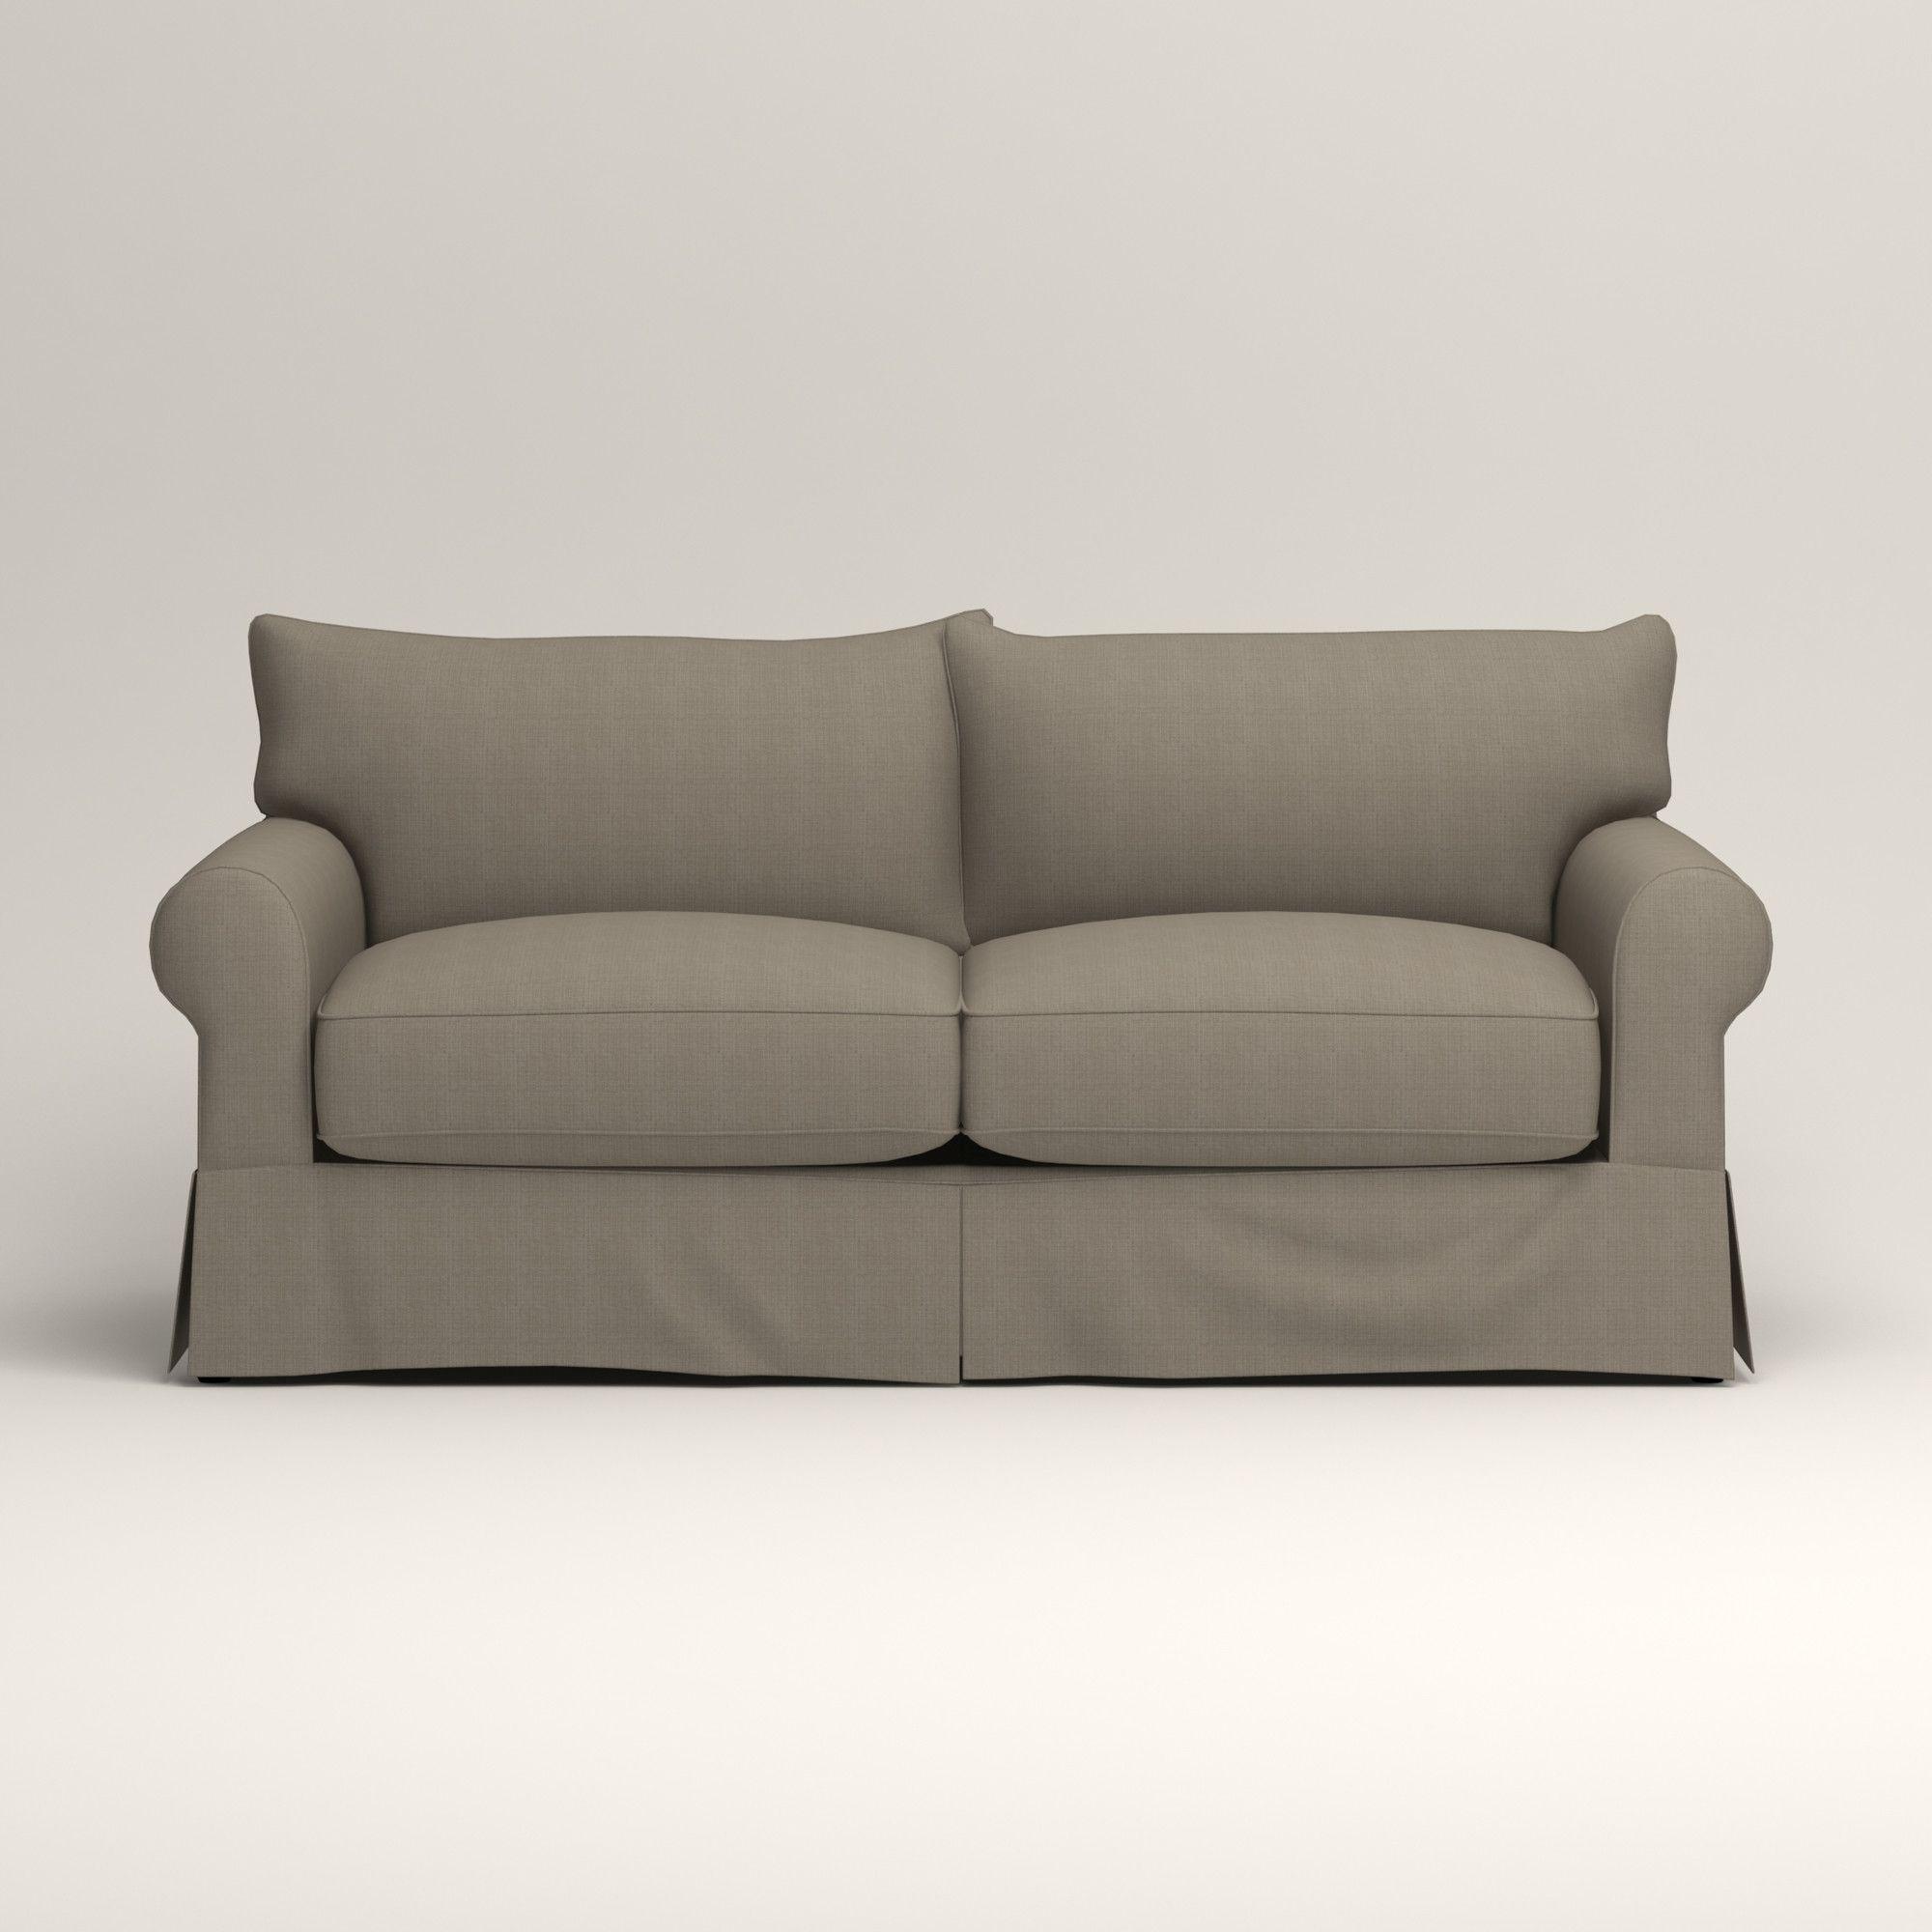 Amazing Donatella Sofa Bed Spare Bedrooms Office Space Sofa Inzonedesignstudio Interior Chair Design Inzonedesignstudiocom